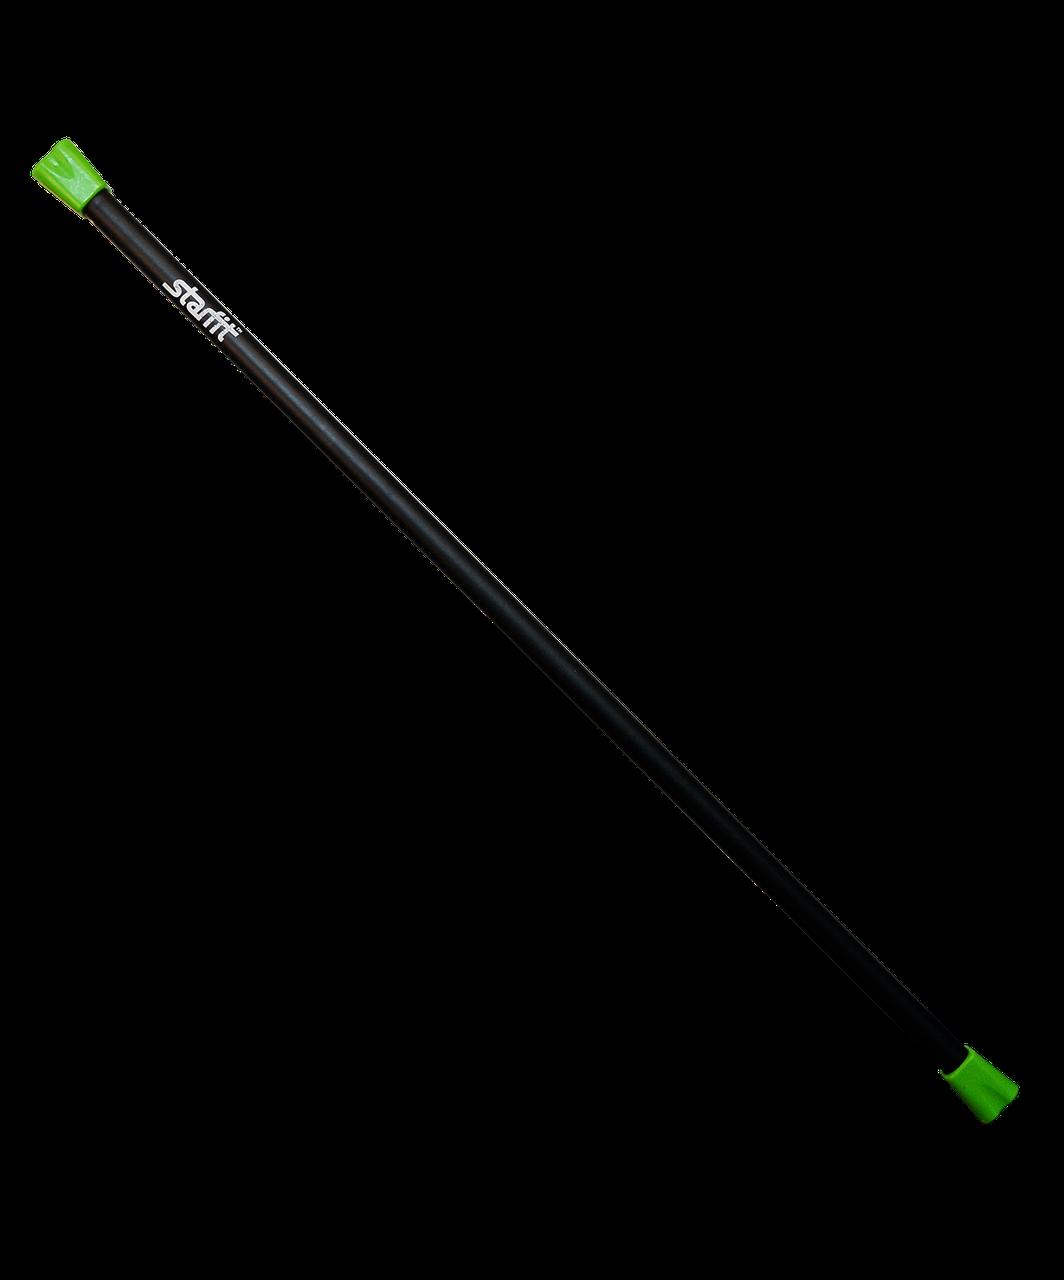 Бодибар неопреновый BB-301 5 кг, зеленый